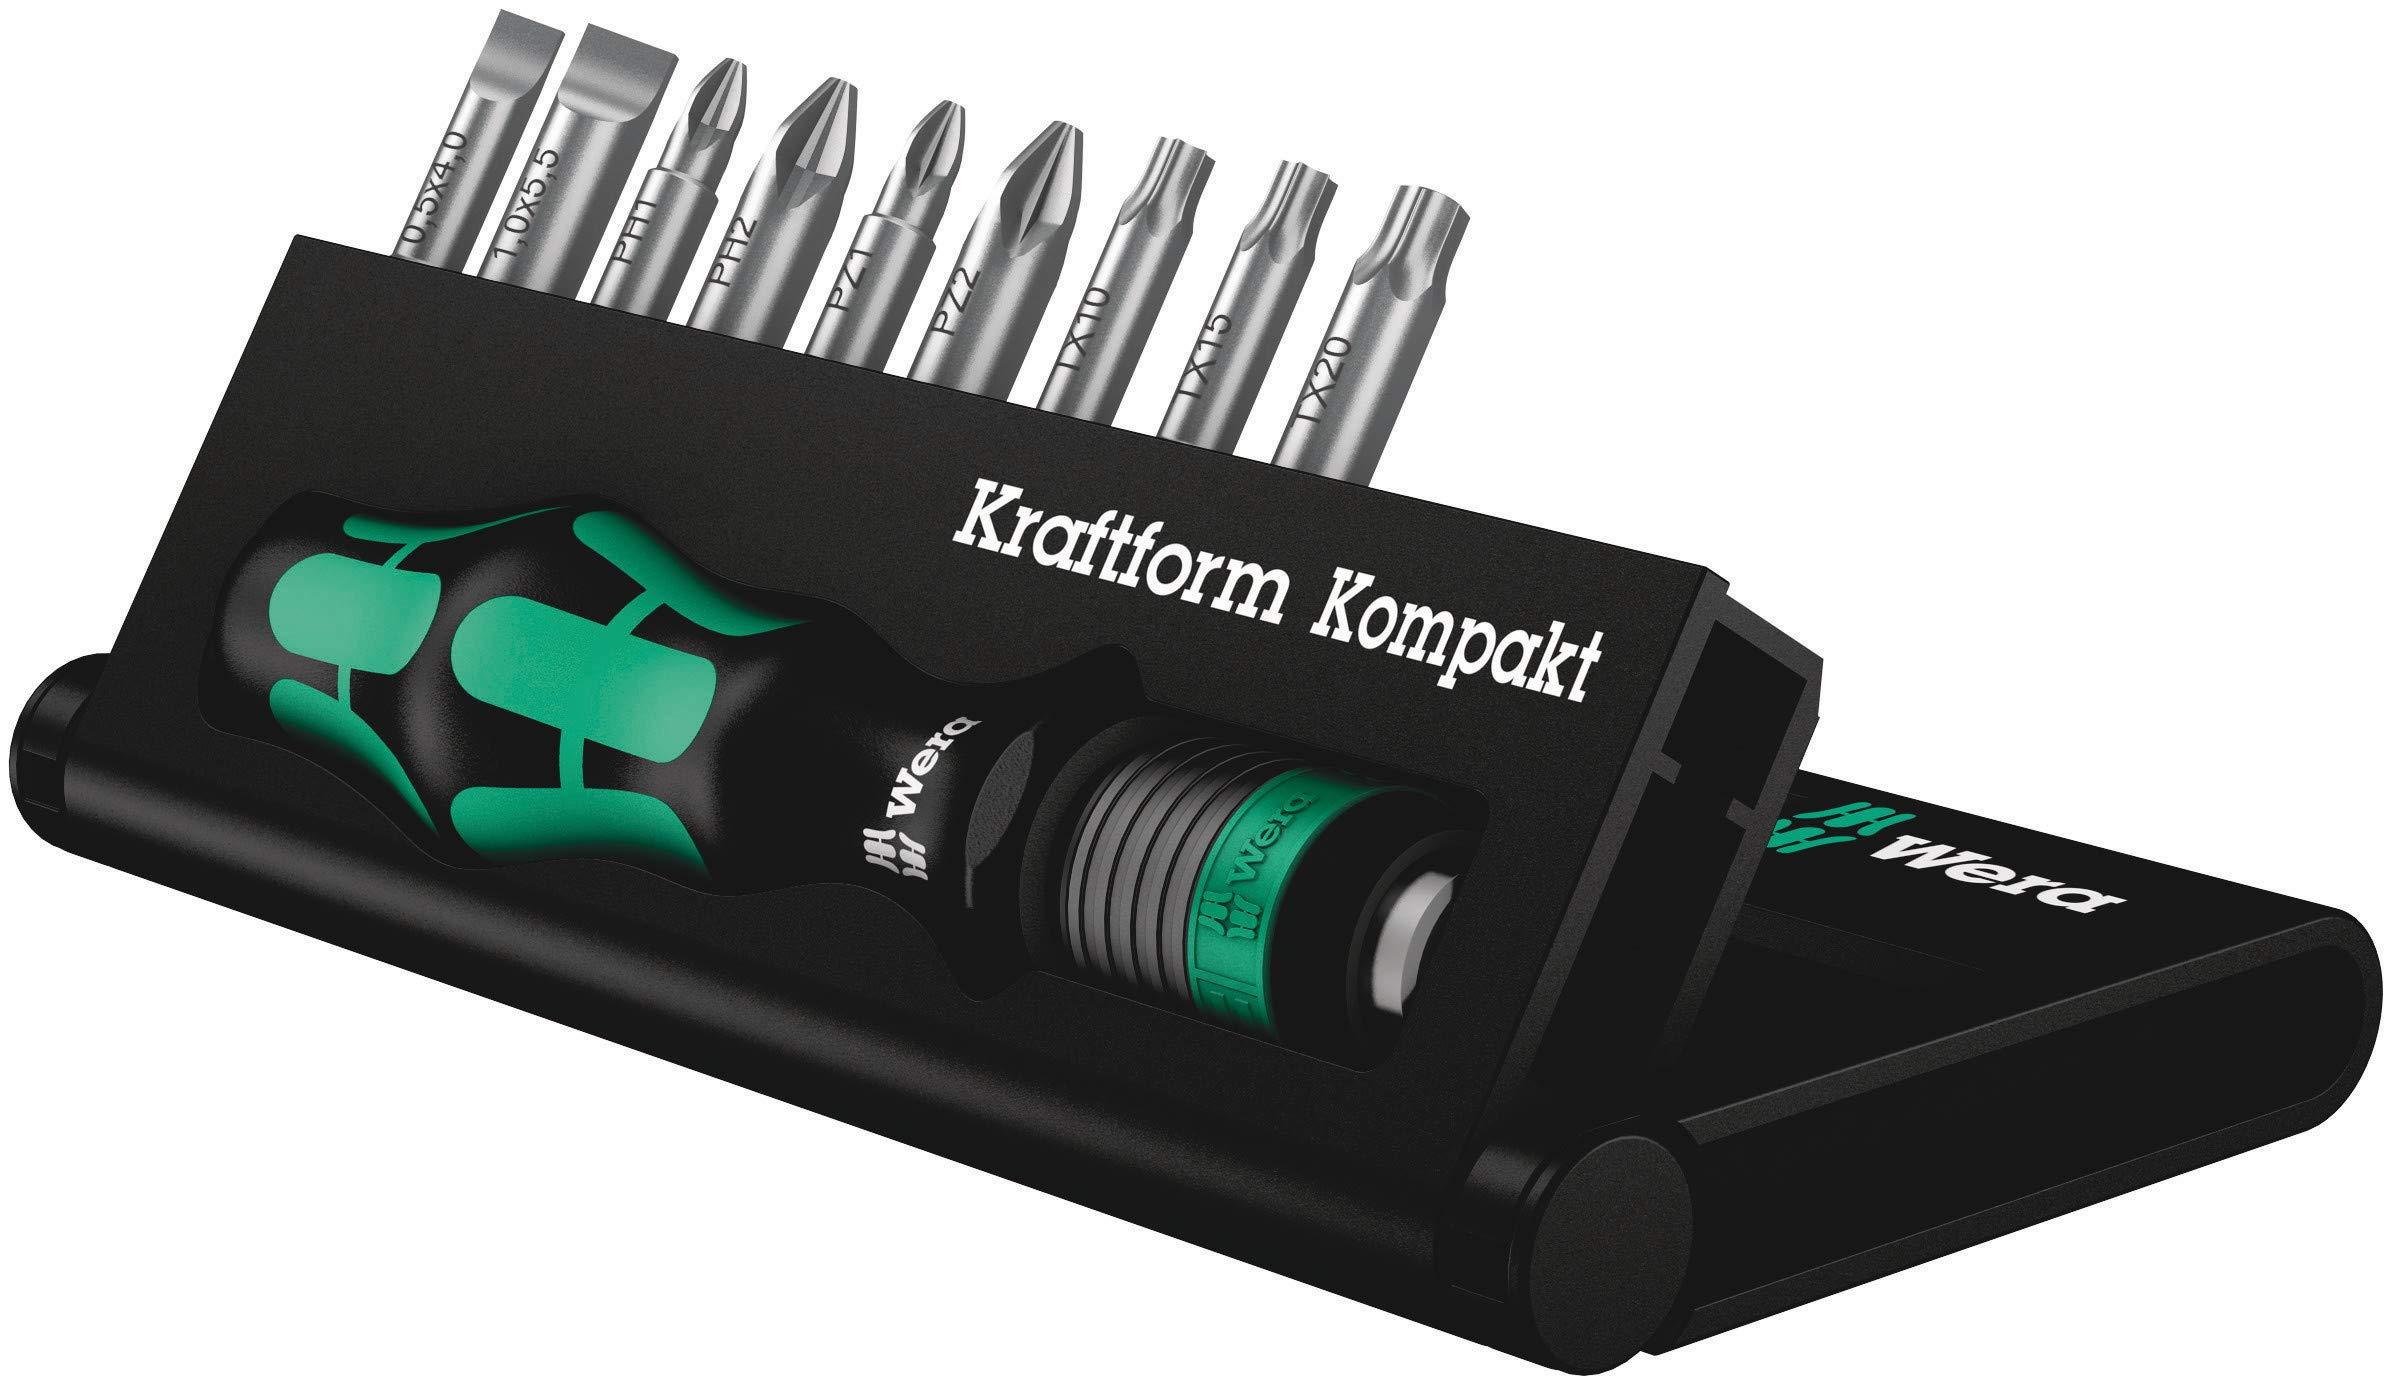 Wera KK 10 Porta-puntas y Set de puntas compacto de 10 Pz.